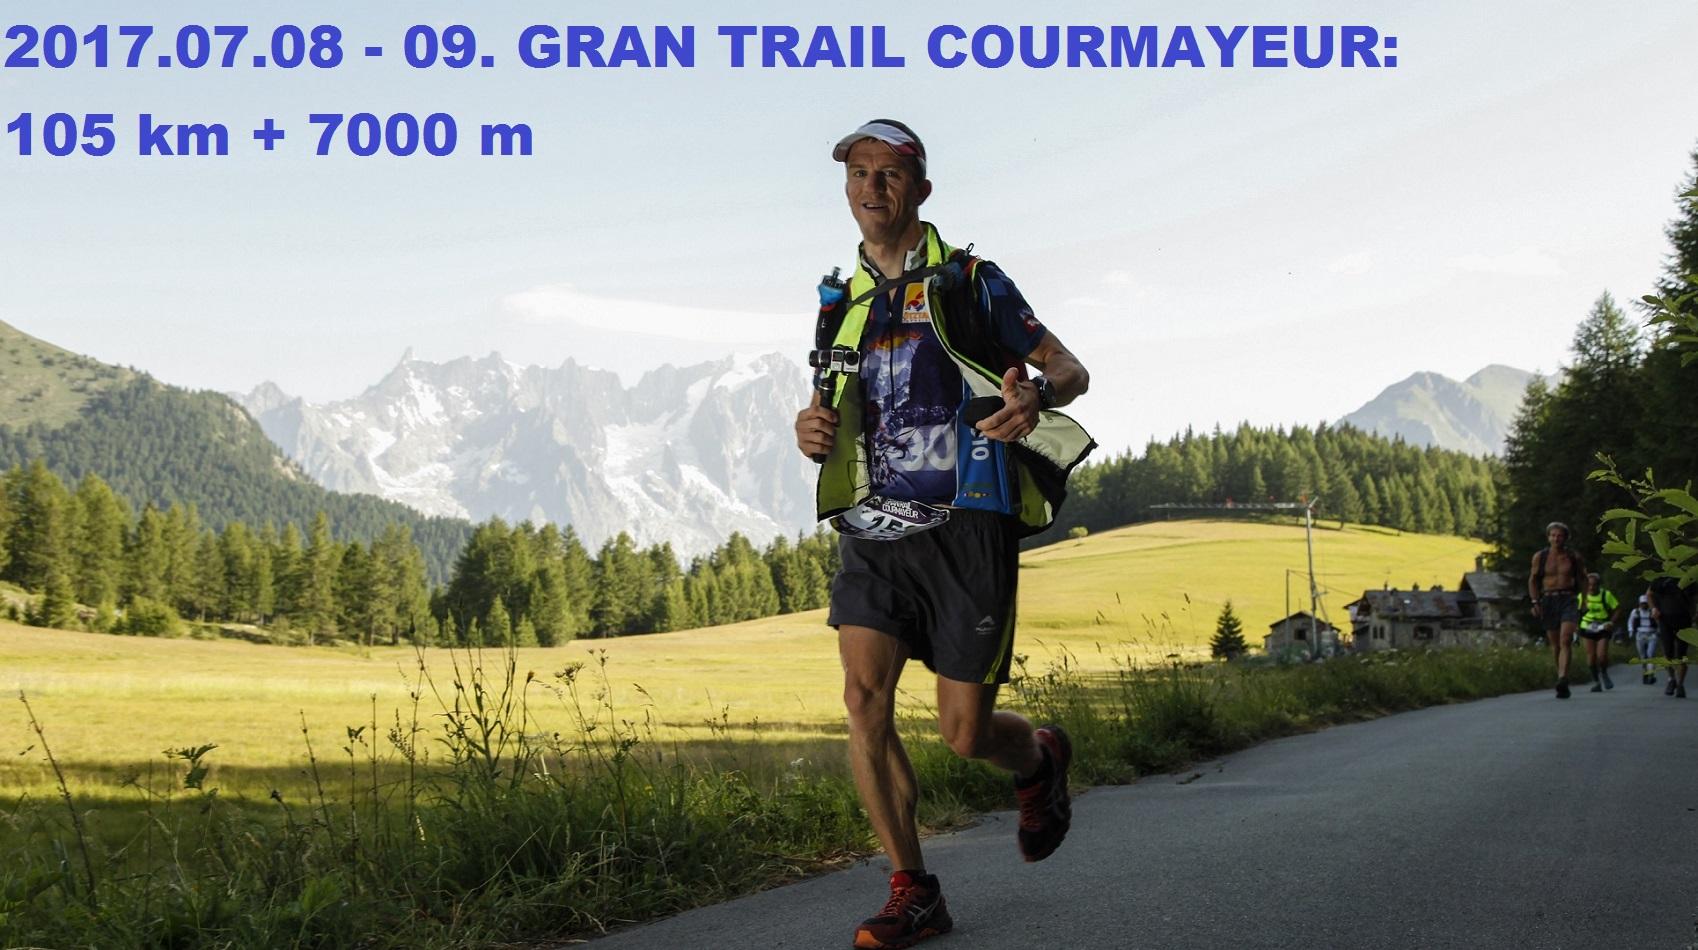 Györgyi Gábor : Gran trail Courmayeur (105 km + 7000 m)